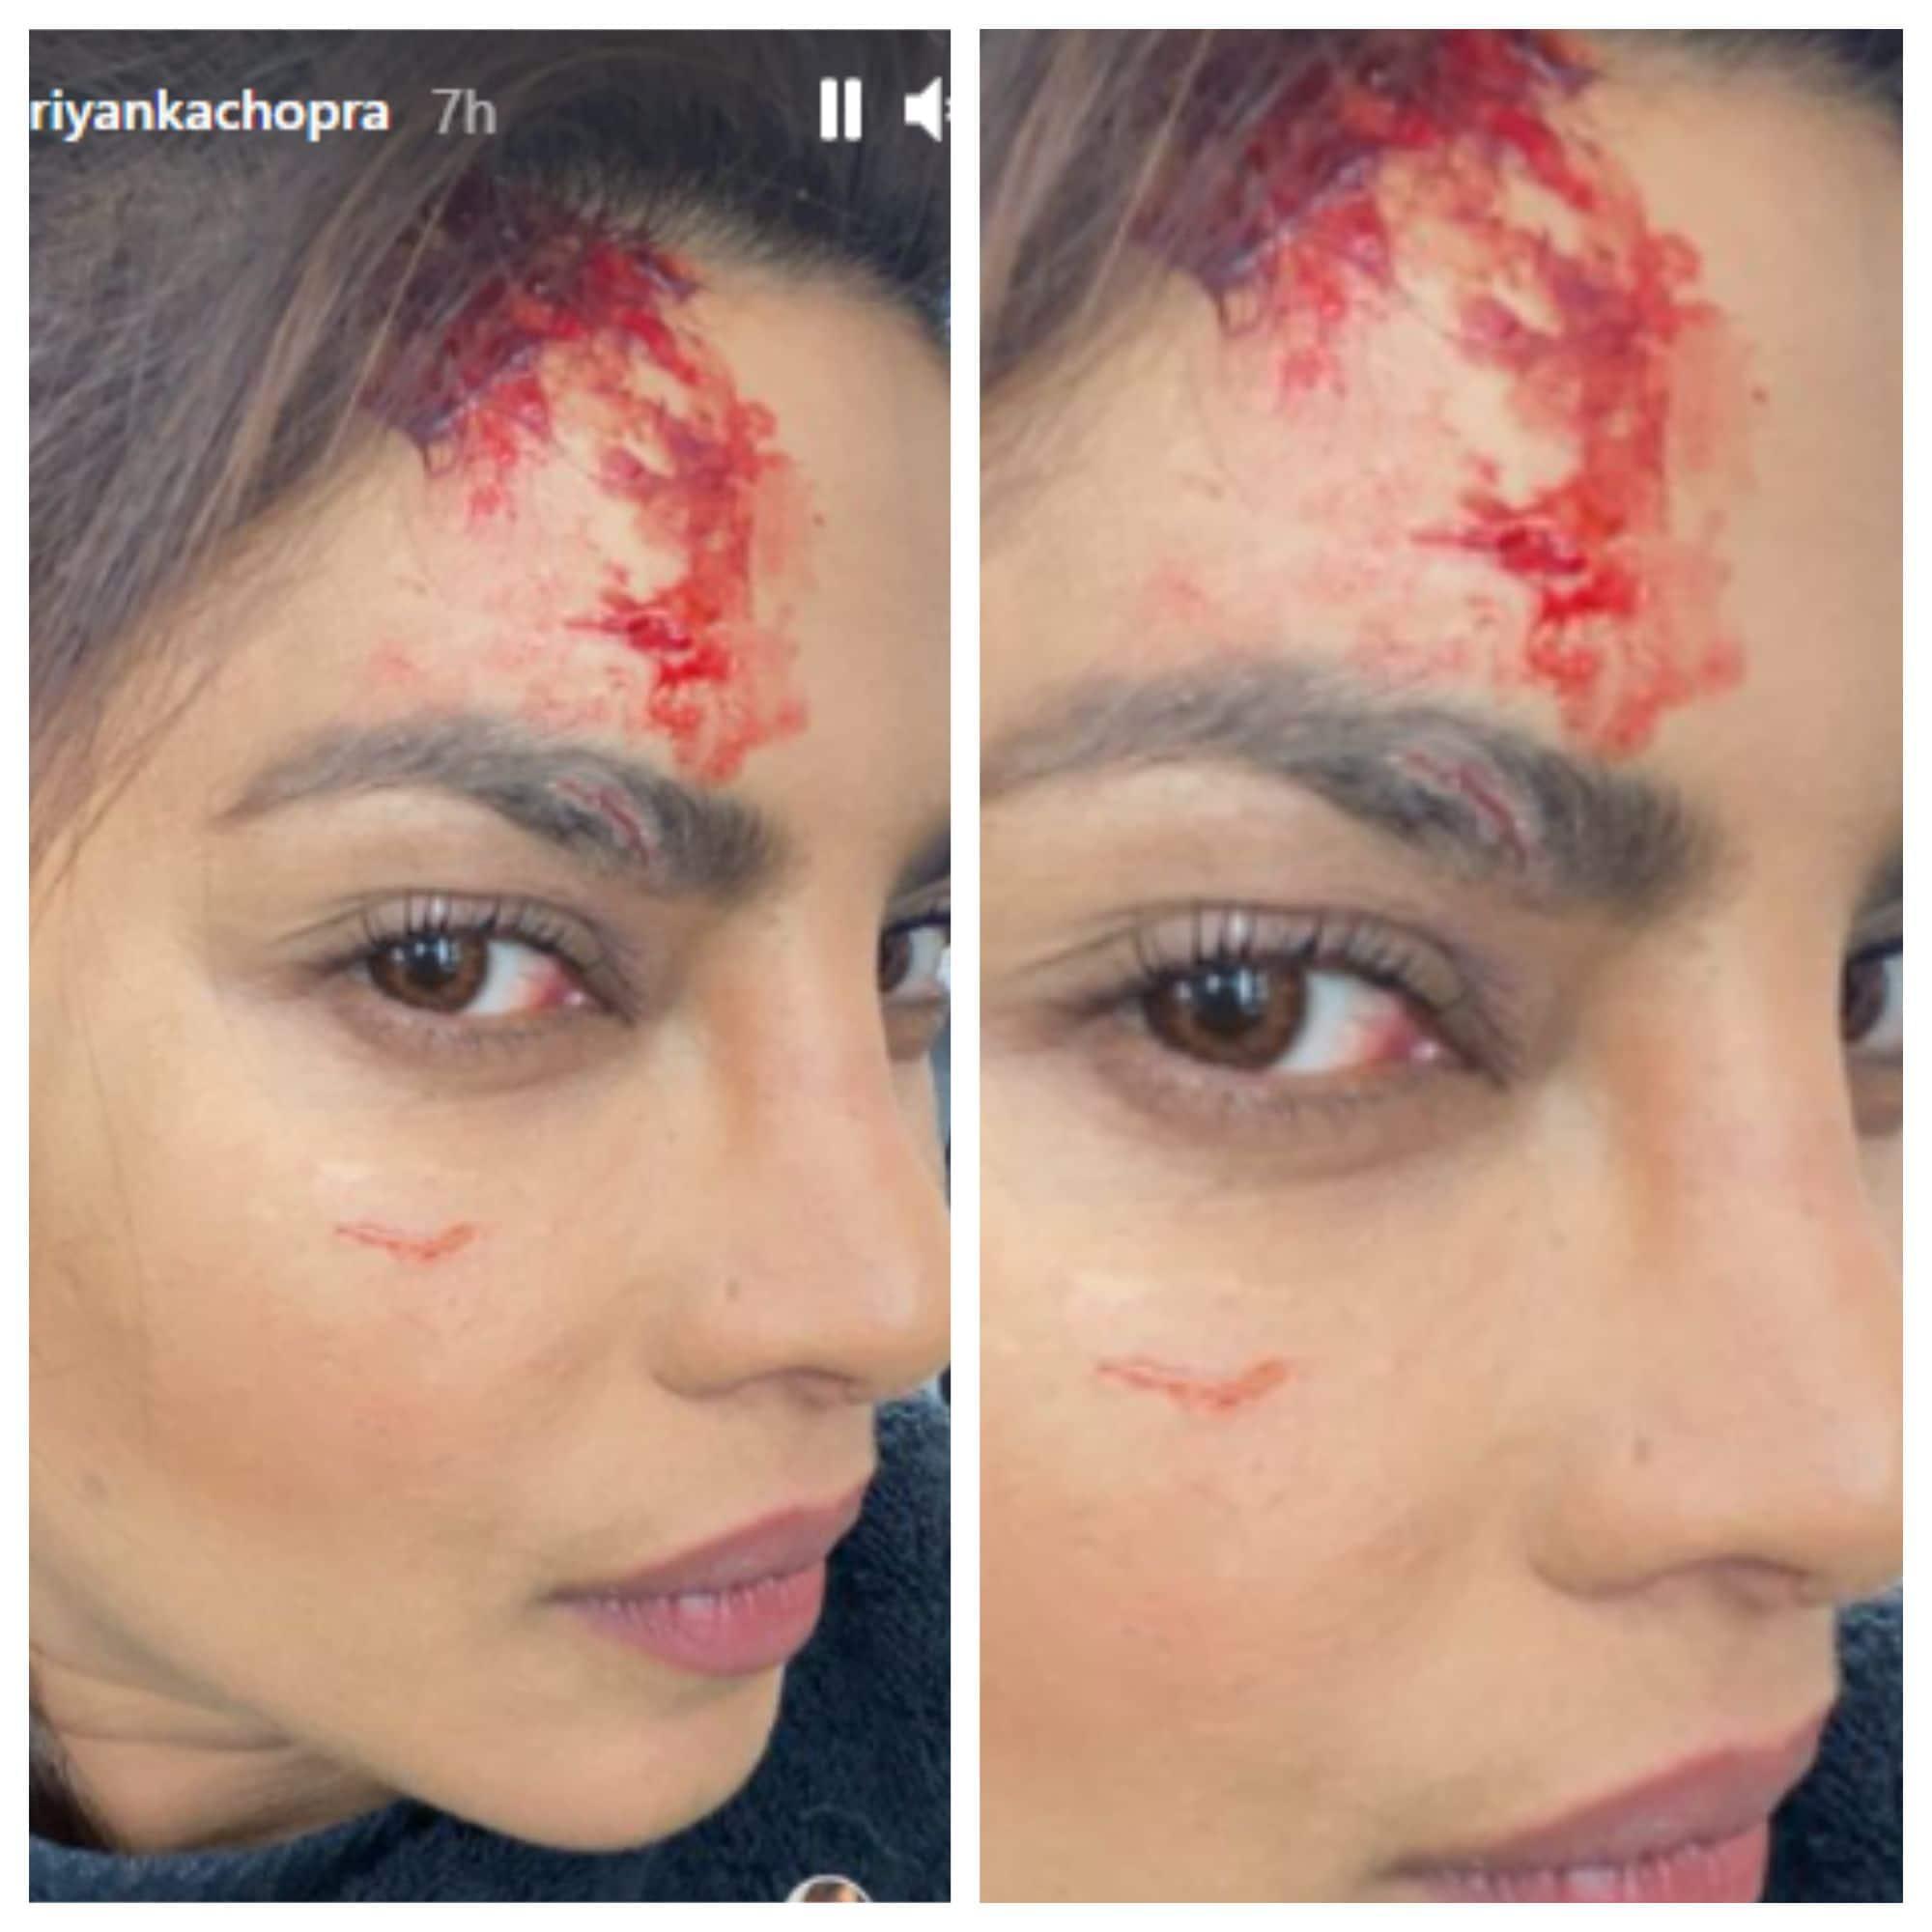 शूटिंग के दौरान लगी प्रियंका को चोट